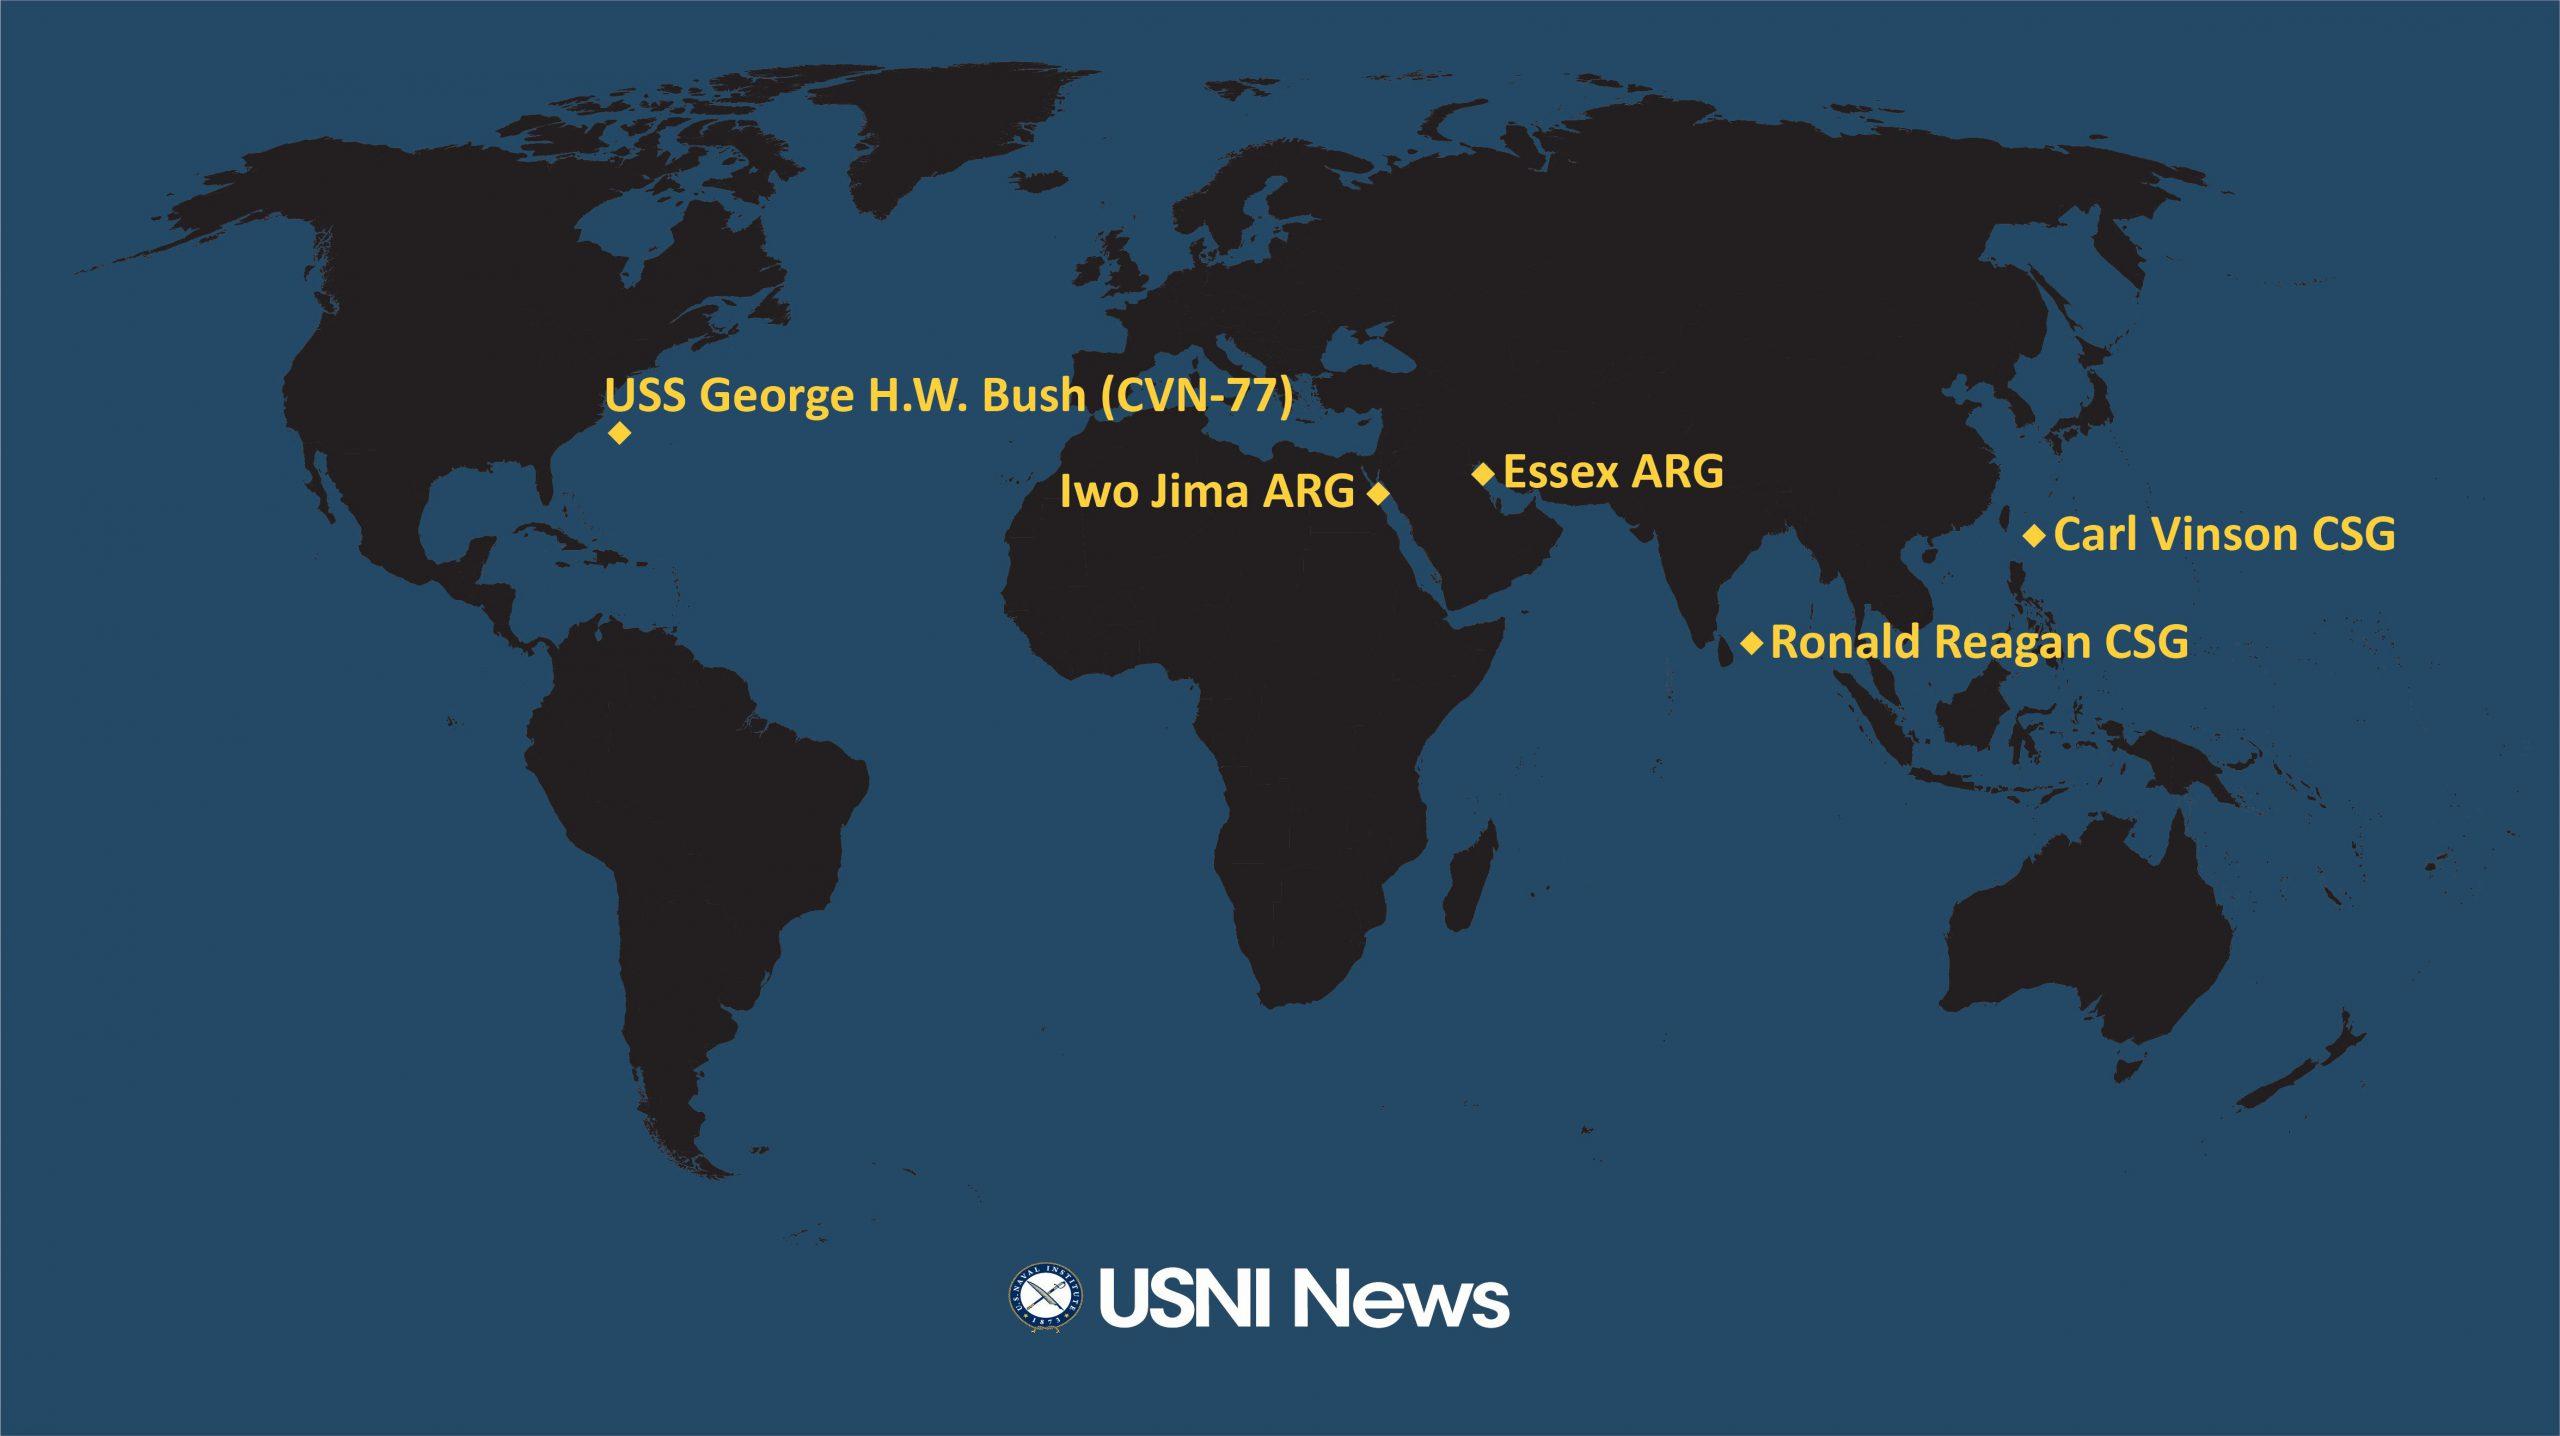 НЕ ИГРОВАЯ ЛИНИЯ РАЗВЕРТЫВАНИЯ АВИАНОСНЫХ УДАРНЫХ ГРУПП ВМС США НА 2021